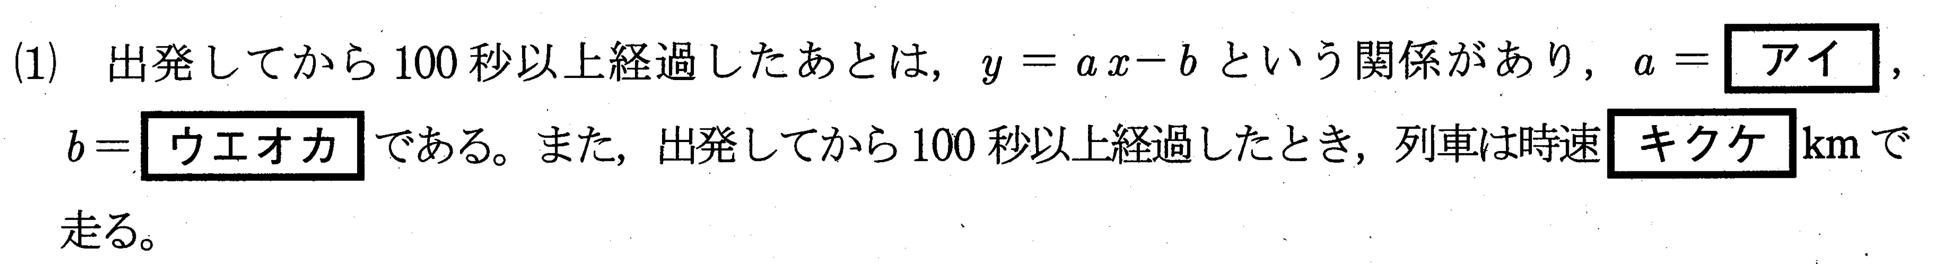 高専入試数学2021年(令和3年)過去問題